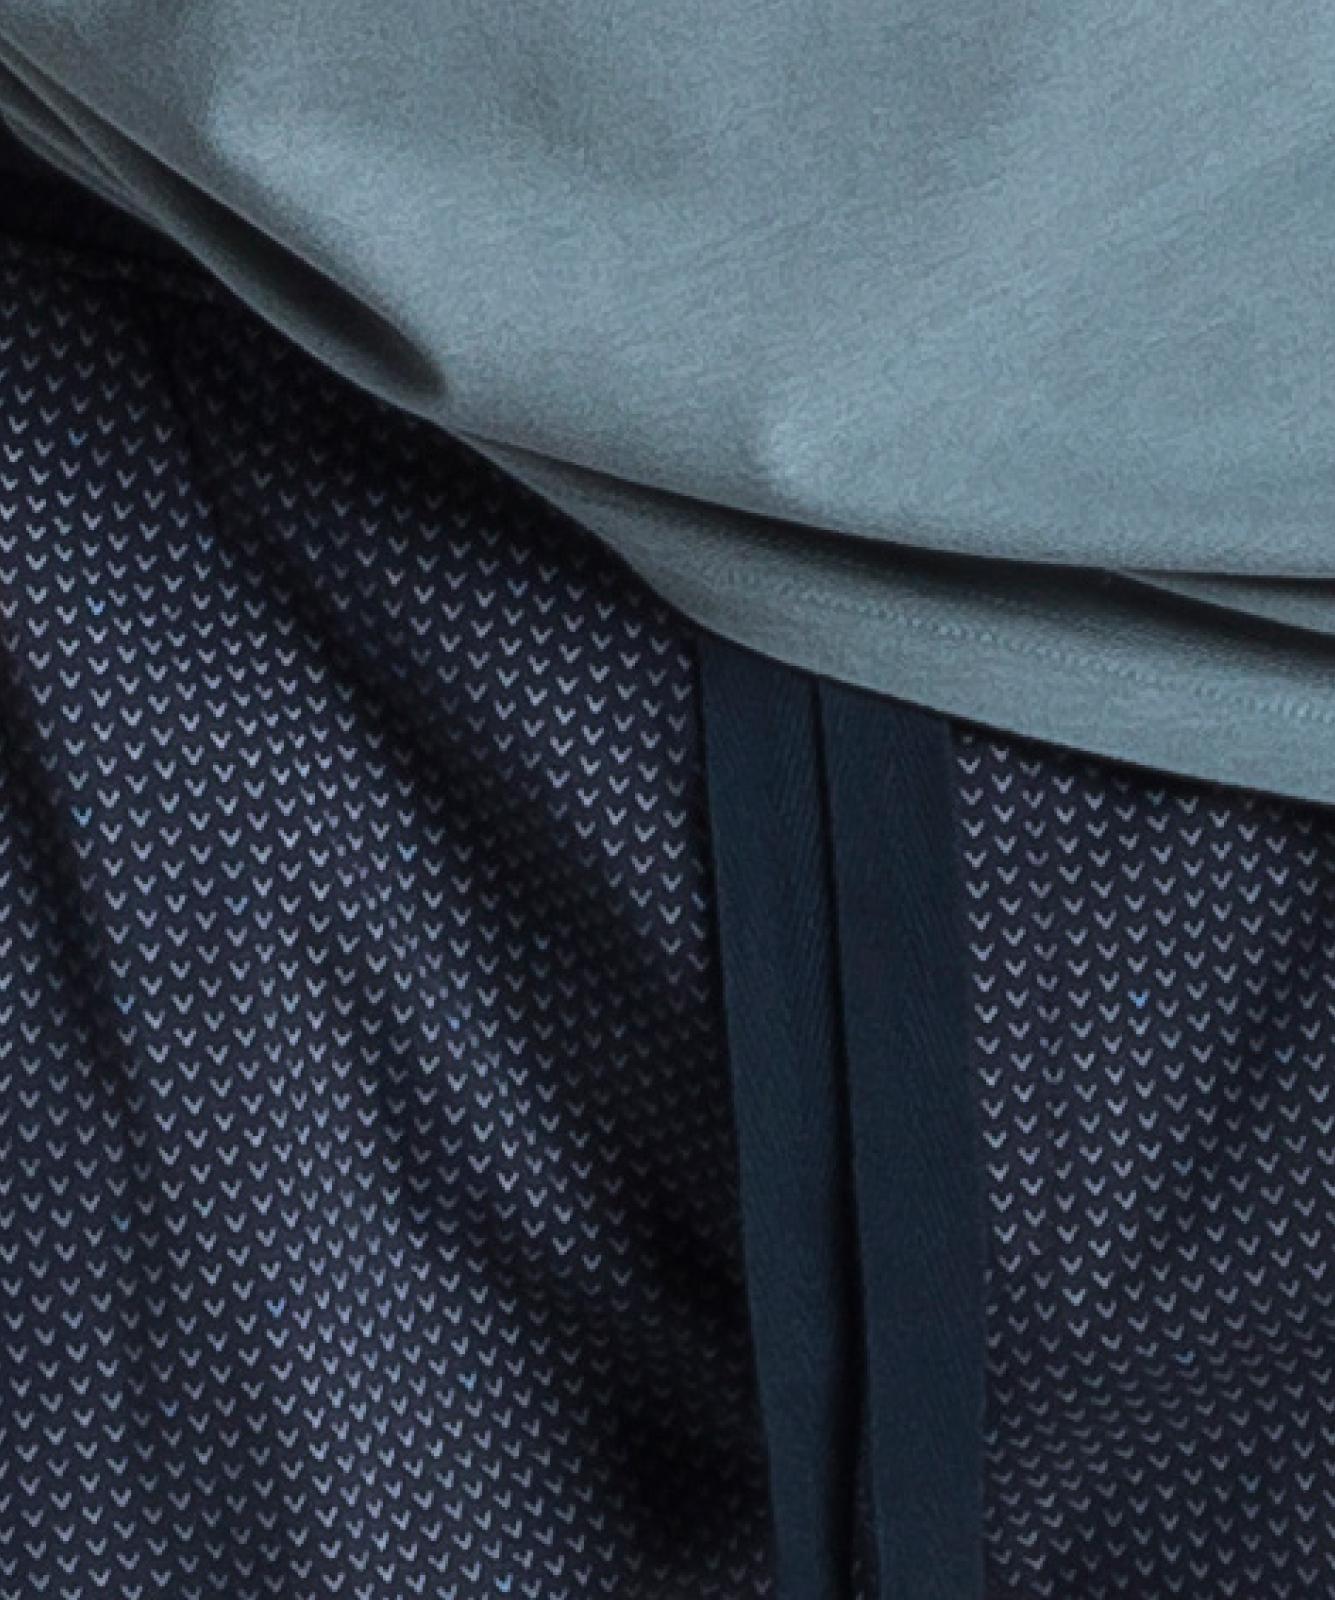 Мужская пижама Atlantic, 1 шт. в уп., хлопок, зеленая, NMP-347